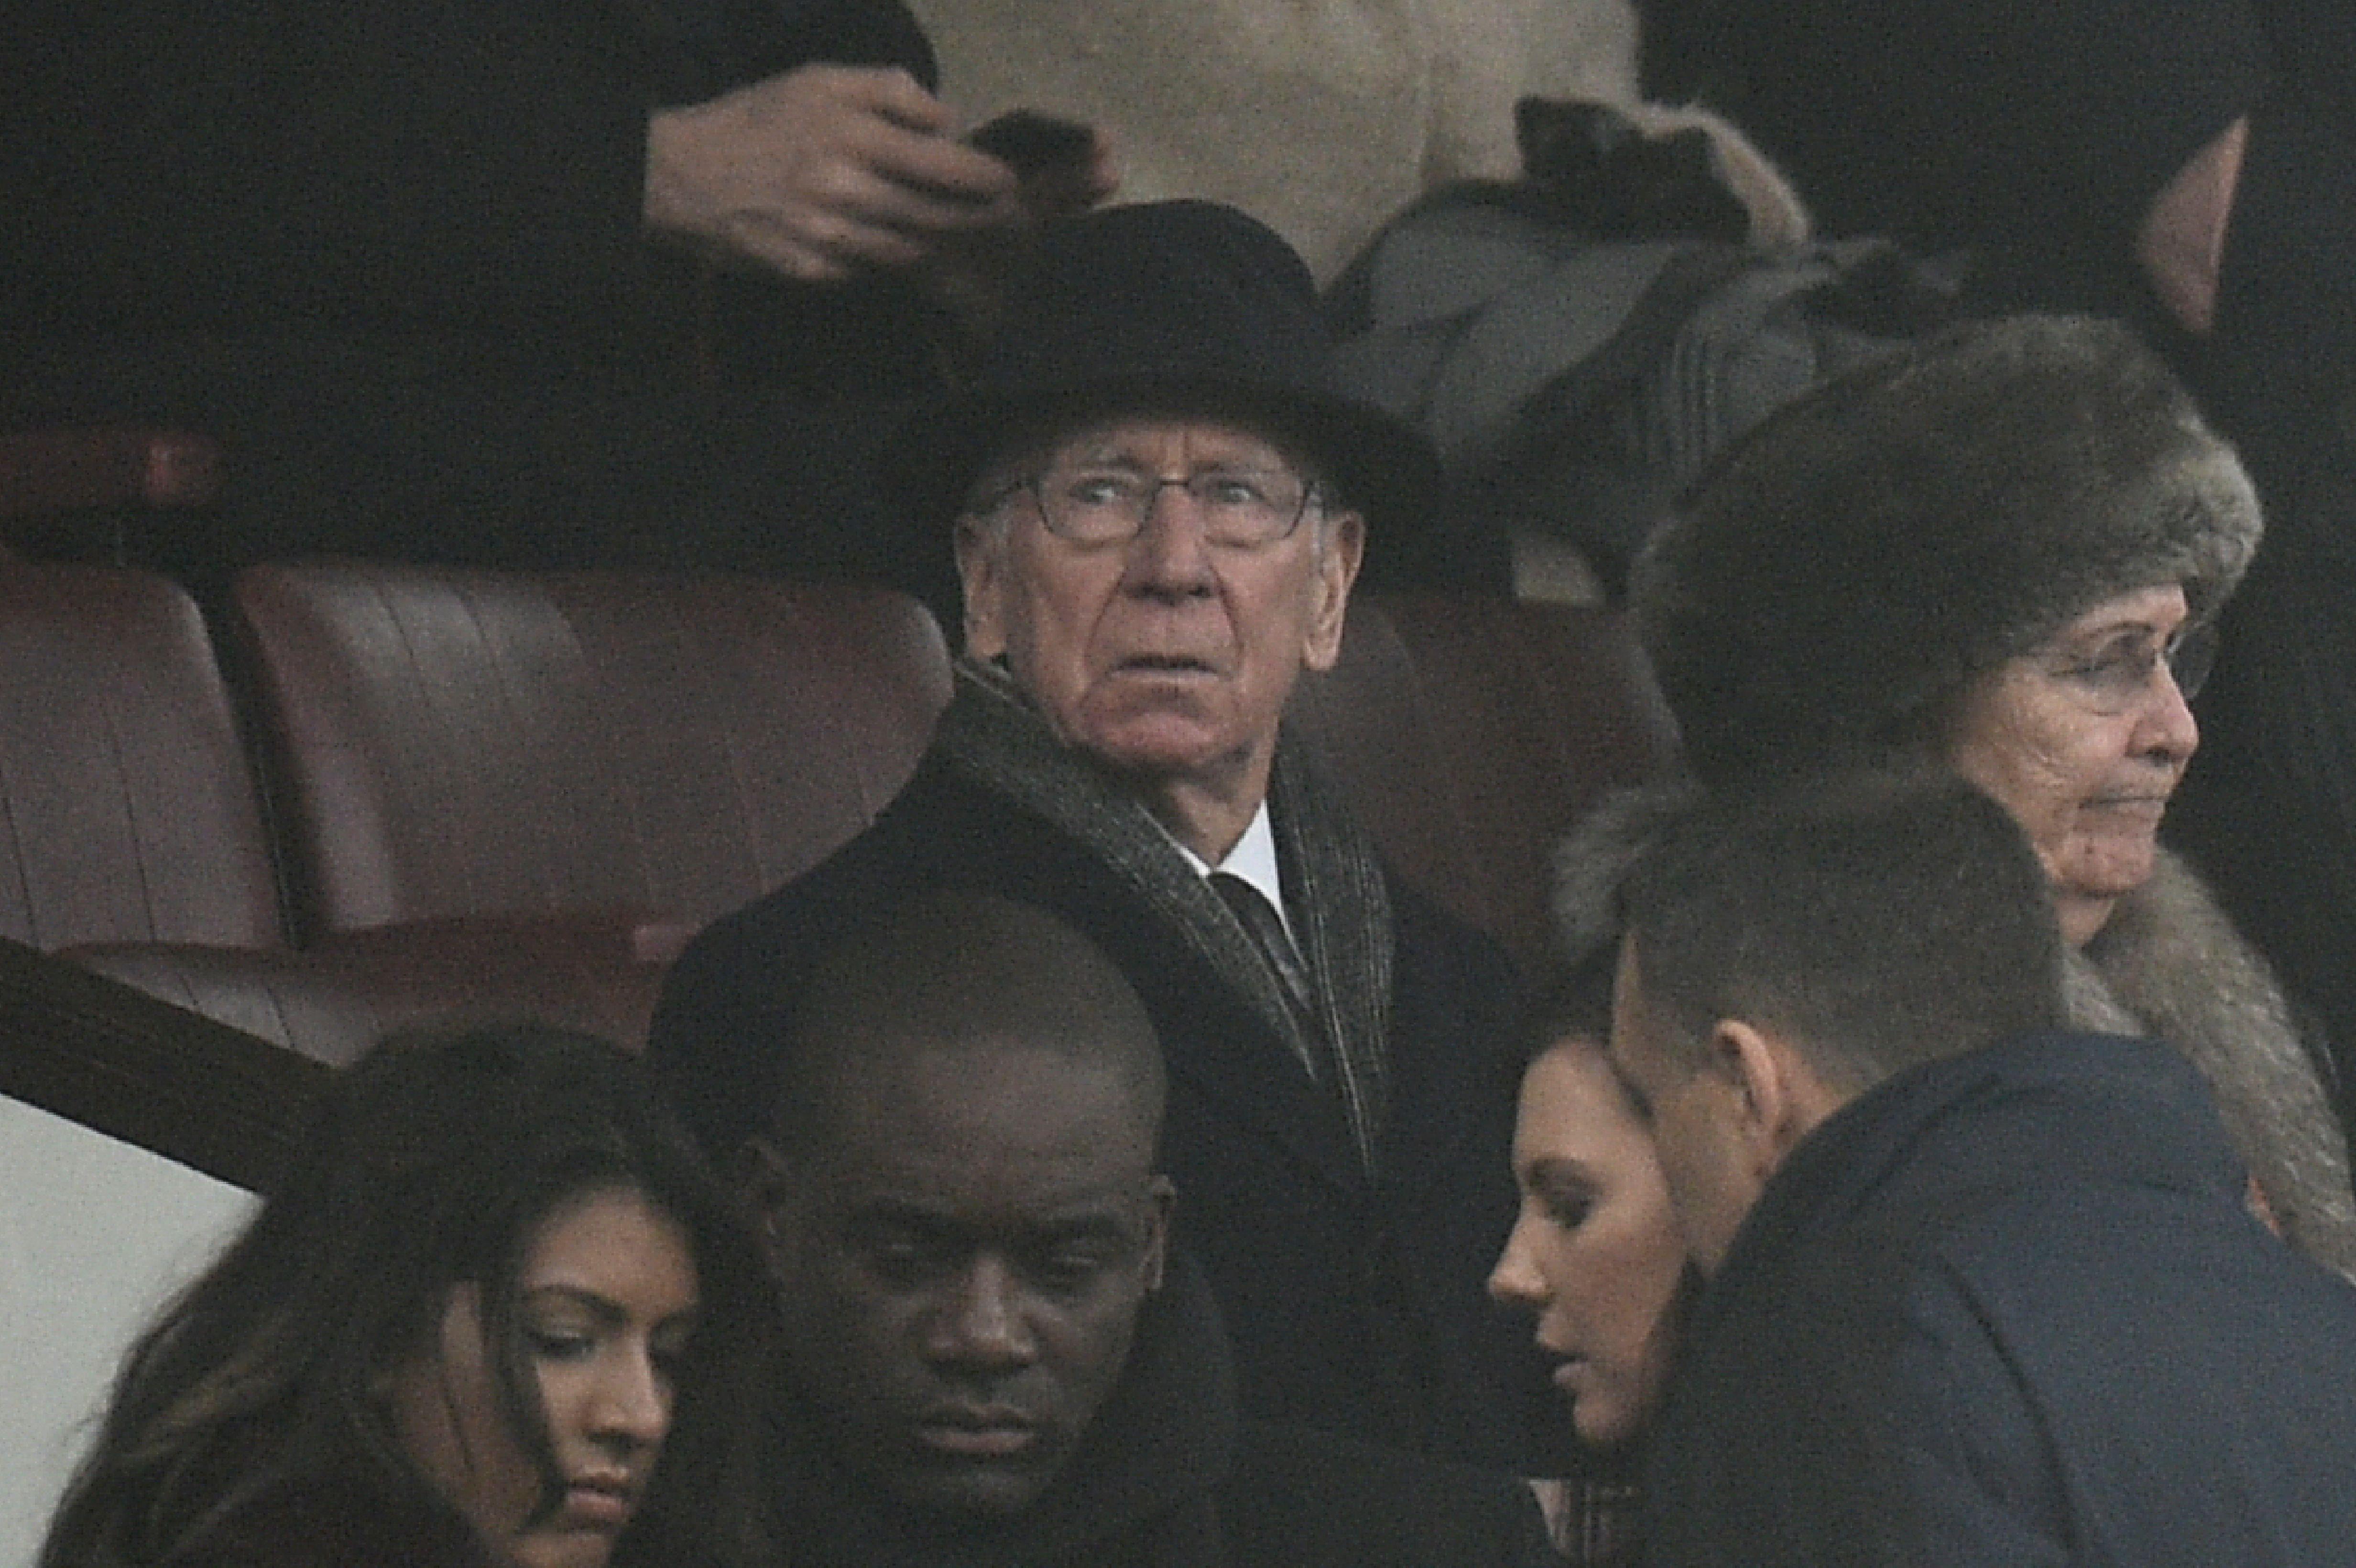 Bobby Charlton, presente en el acontecimiento histórico del sábado. (Crédito: OLI SCARFF/AFP/Getty Images)